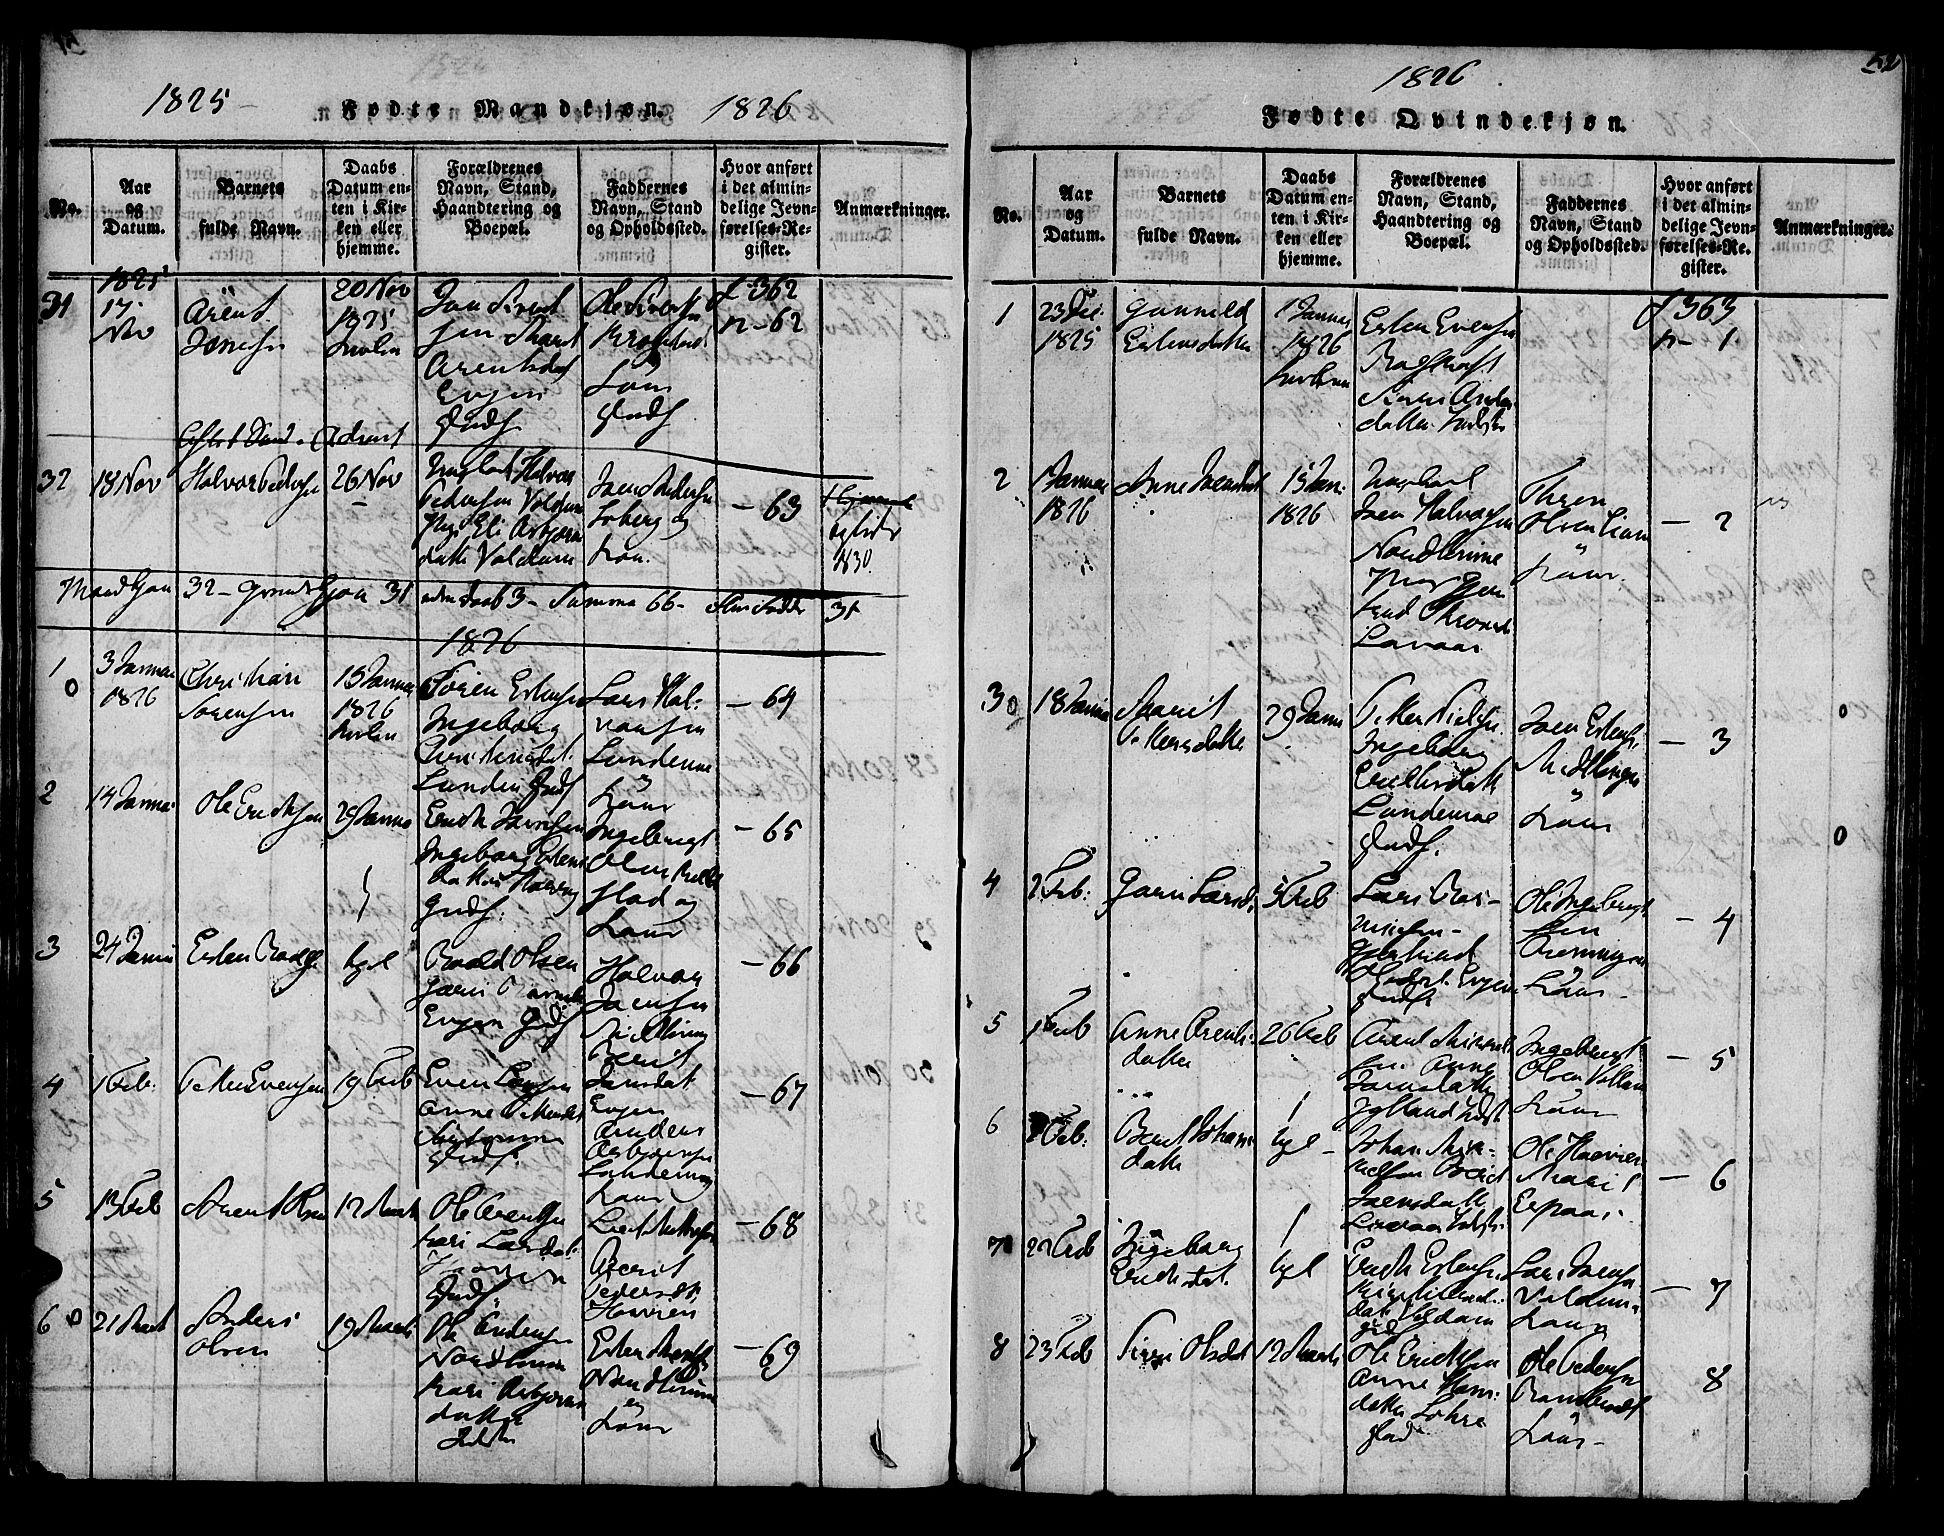 SAT, Ministerialprotokoller, klokkerbøker og fødselsregistre - Sør-Trøndelag, 692/L1102: Ministerialbok nr. 692A02, 1816-1842, s. 52